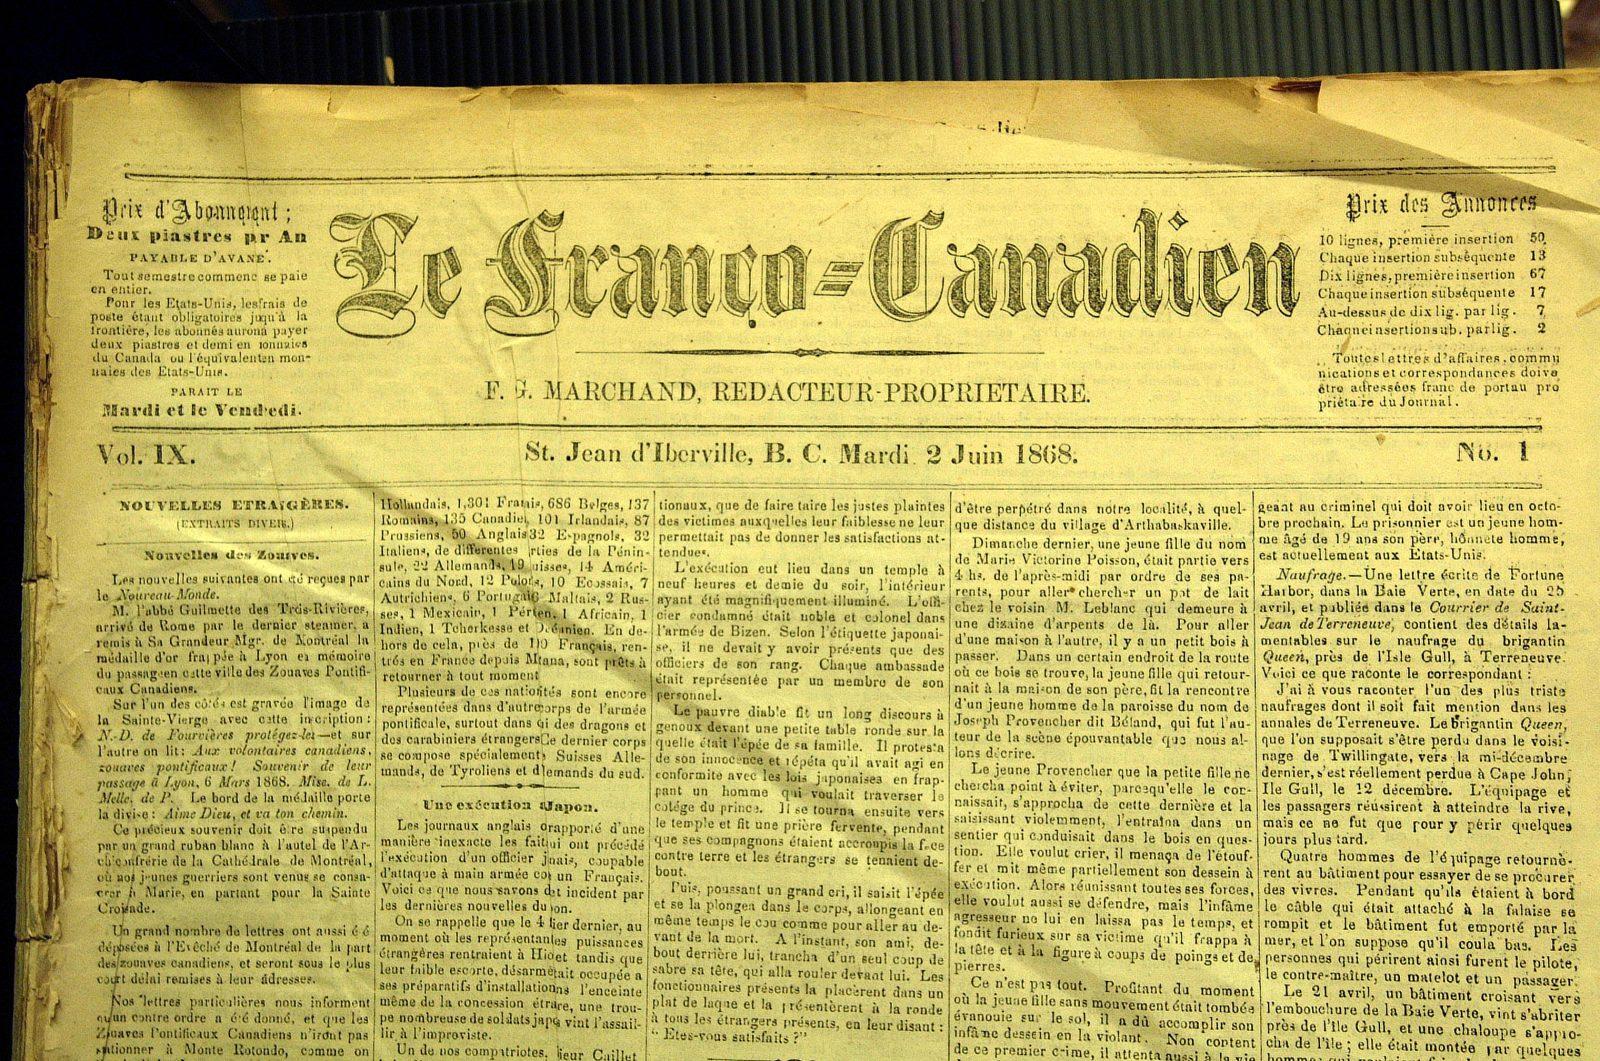 Le Canada Français : le virage vers la presse d'information